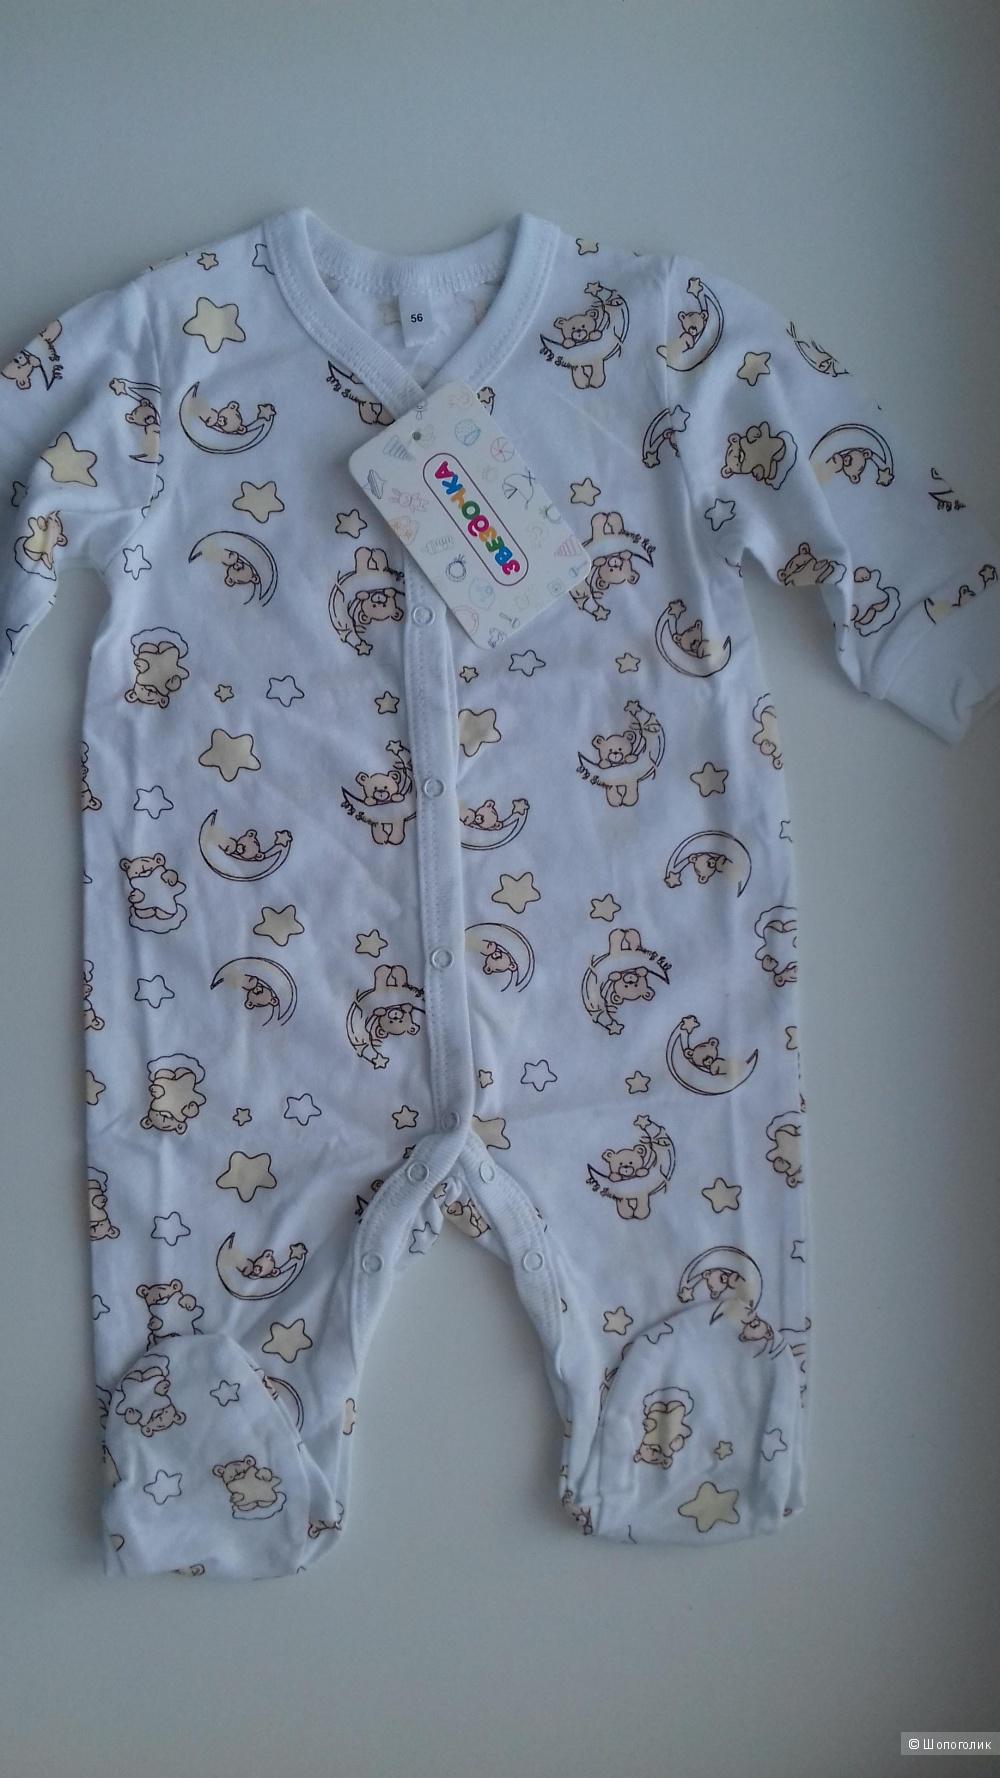 Комплект из комбинезона (слипа) и ползунков для новорожденного Звездочка, рост 56 см.